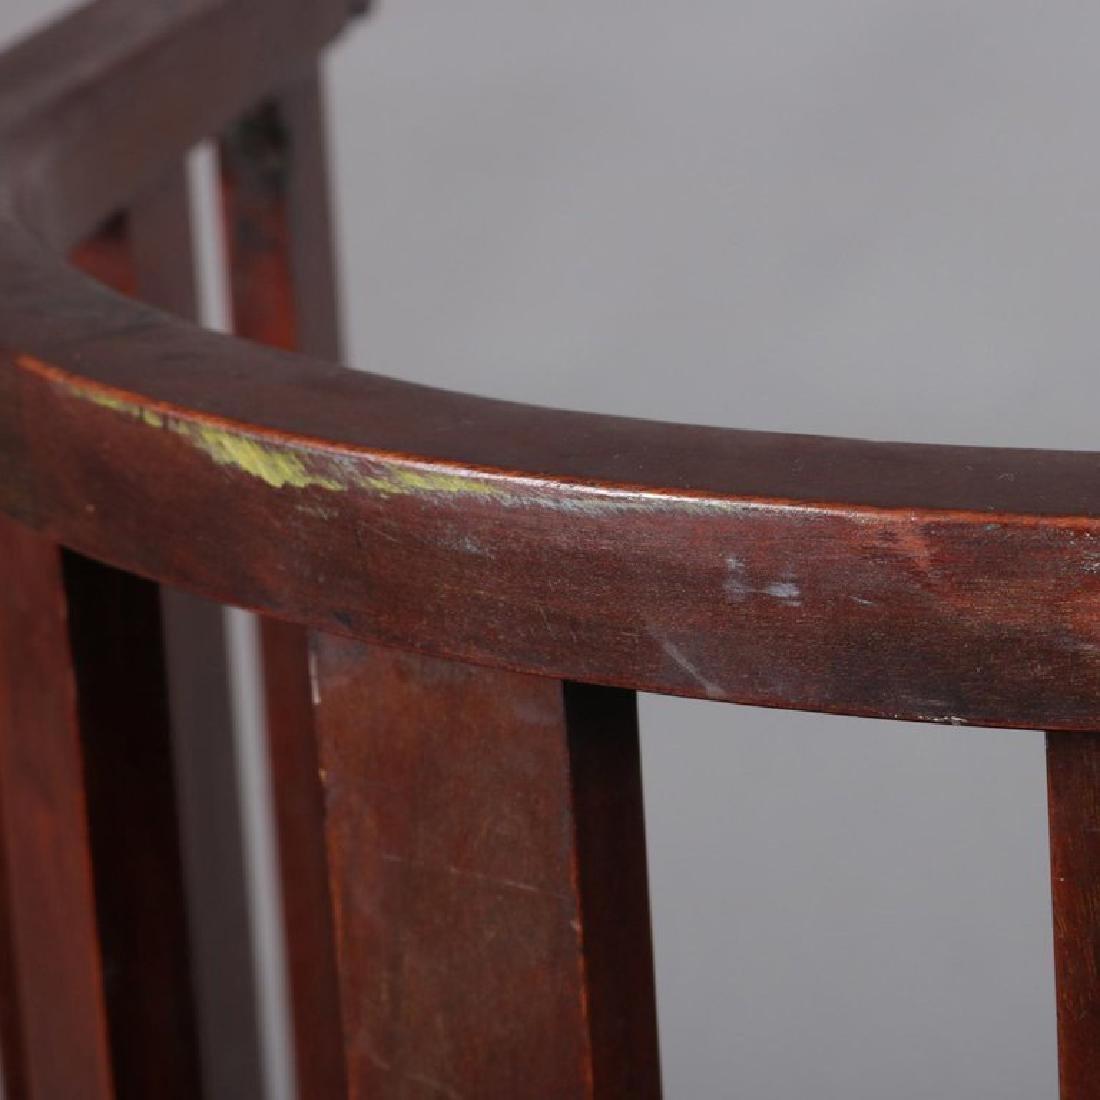 Arts & Crafts Prairie Frank Lloyd Wright School Chair - 8